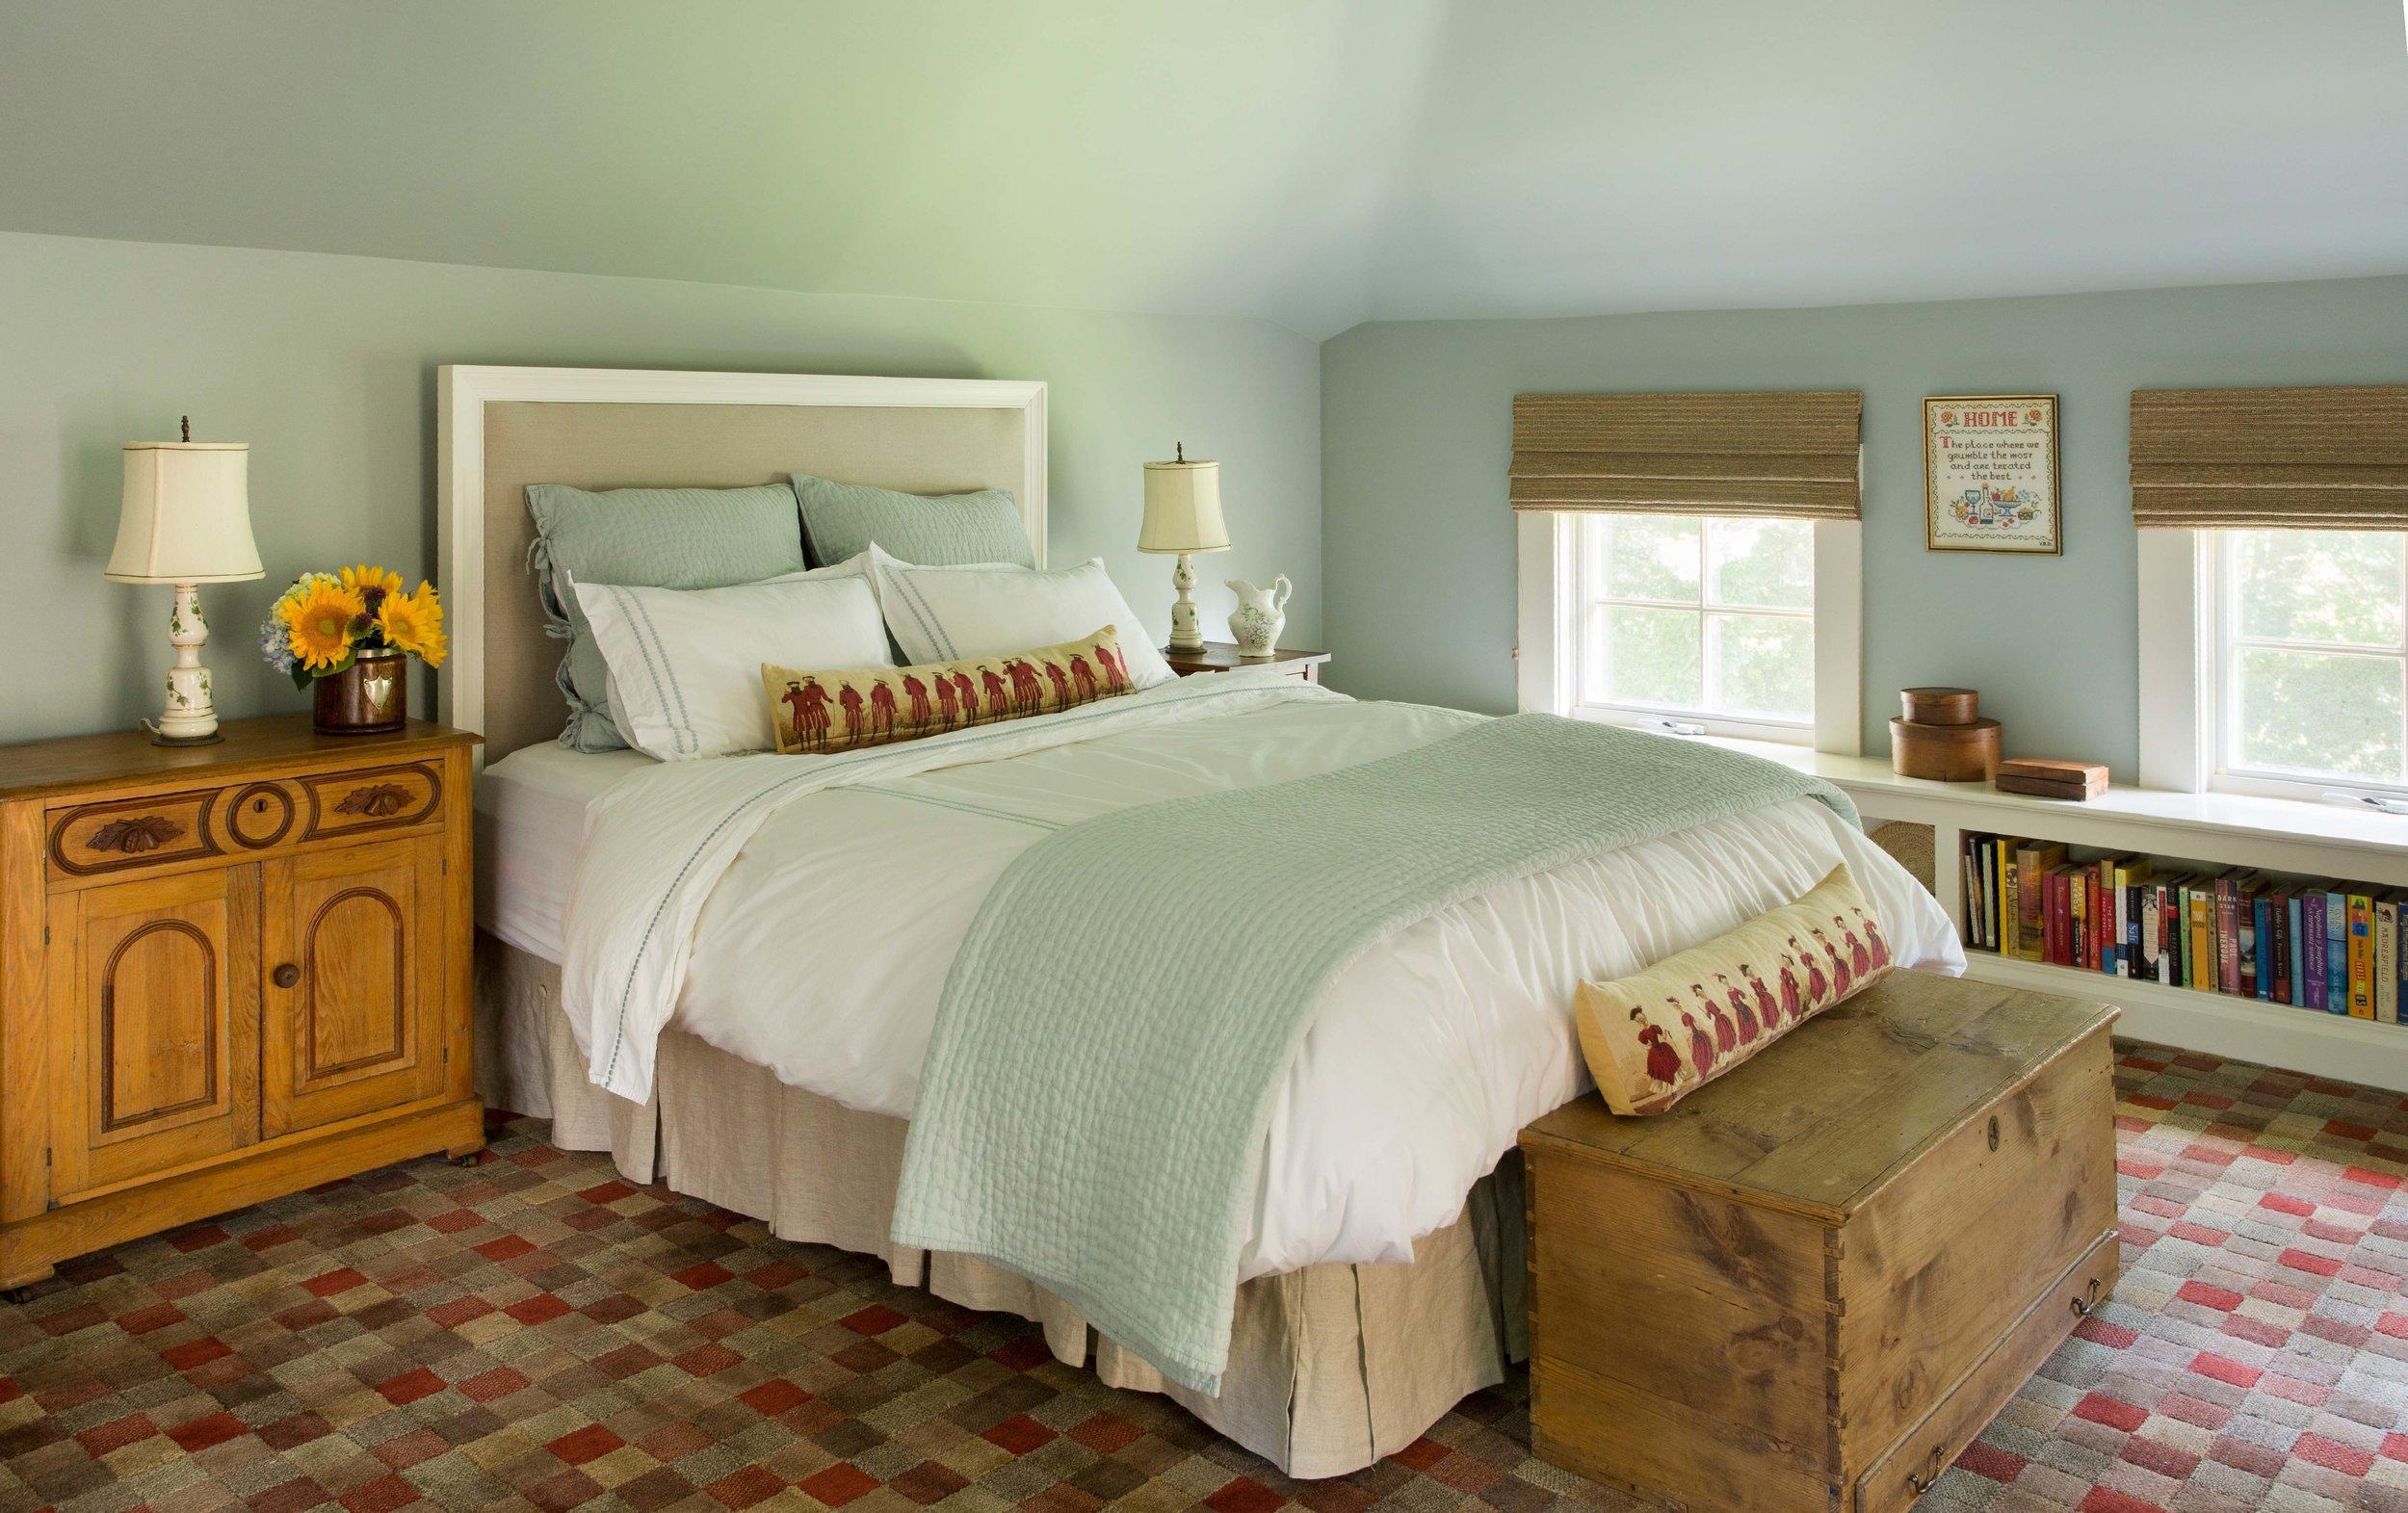 PDR Brookline 6 14 bedroom 3.jpg